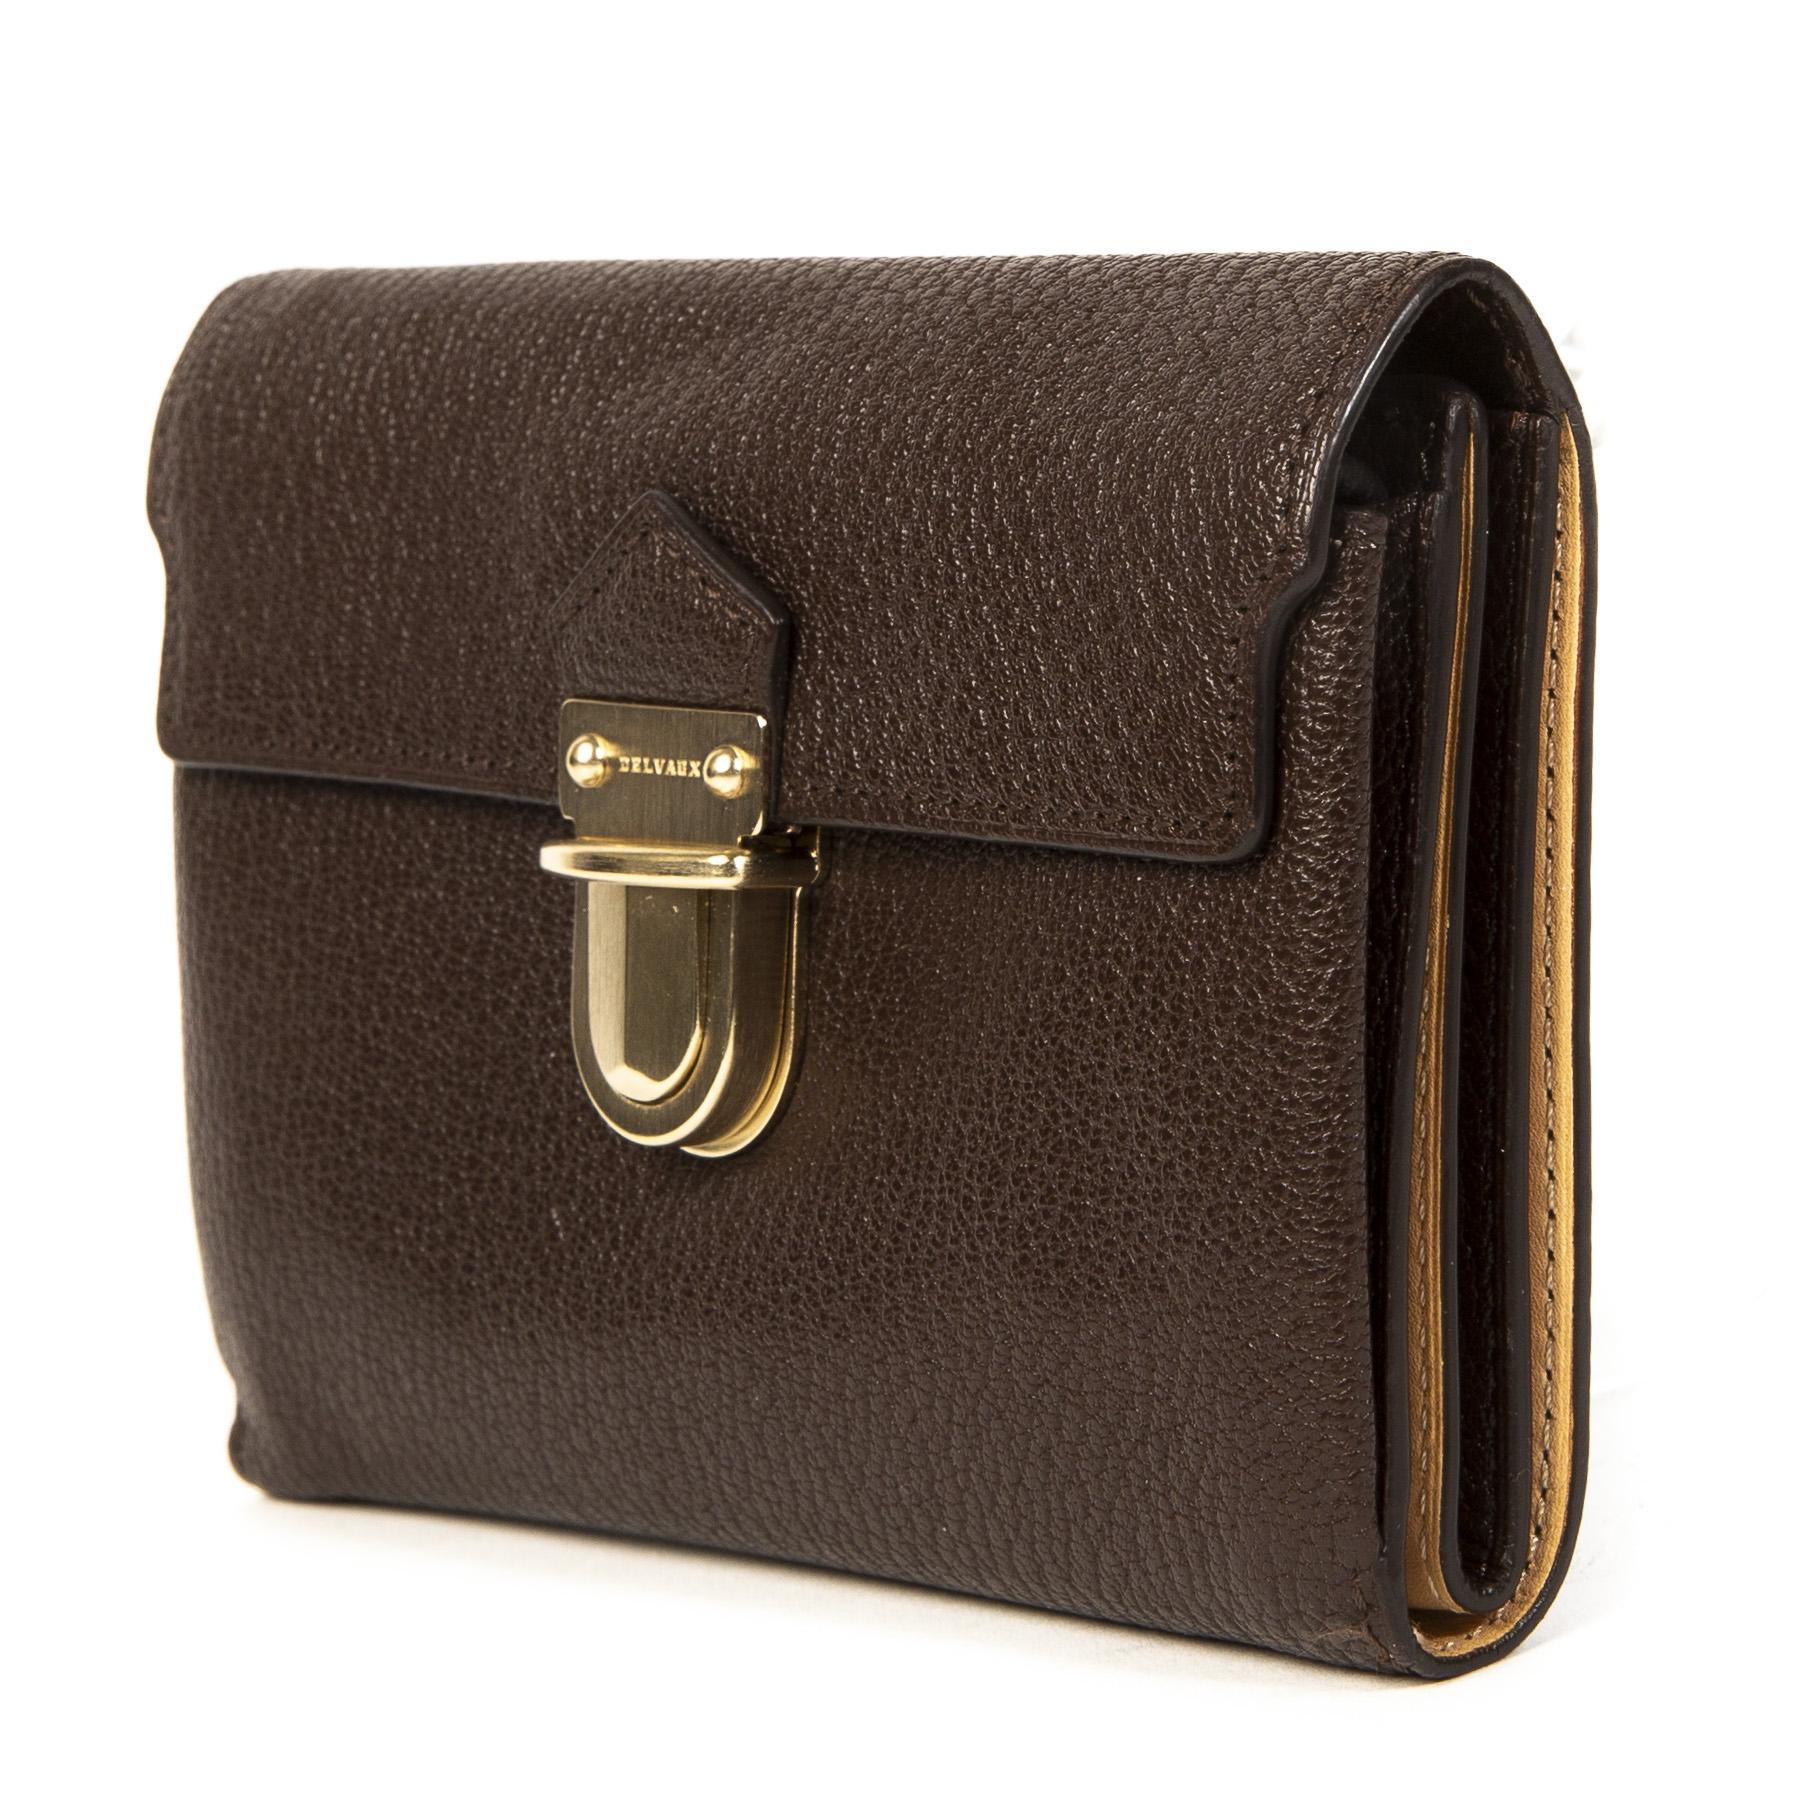 Authentieke Tweedehands Delvaux Brown Leather Wallet juiste prijs veilig online shoppen luxe merken webshop mode fashion winkelen Antwerpen België